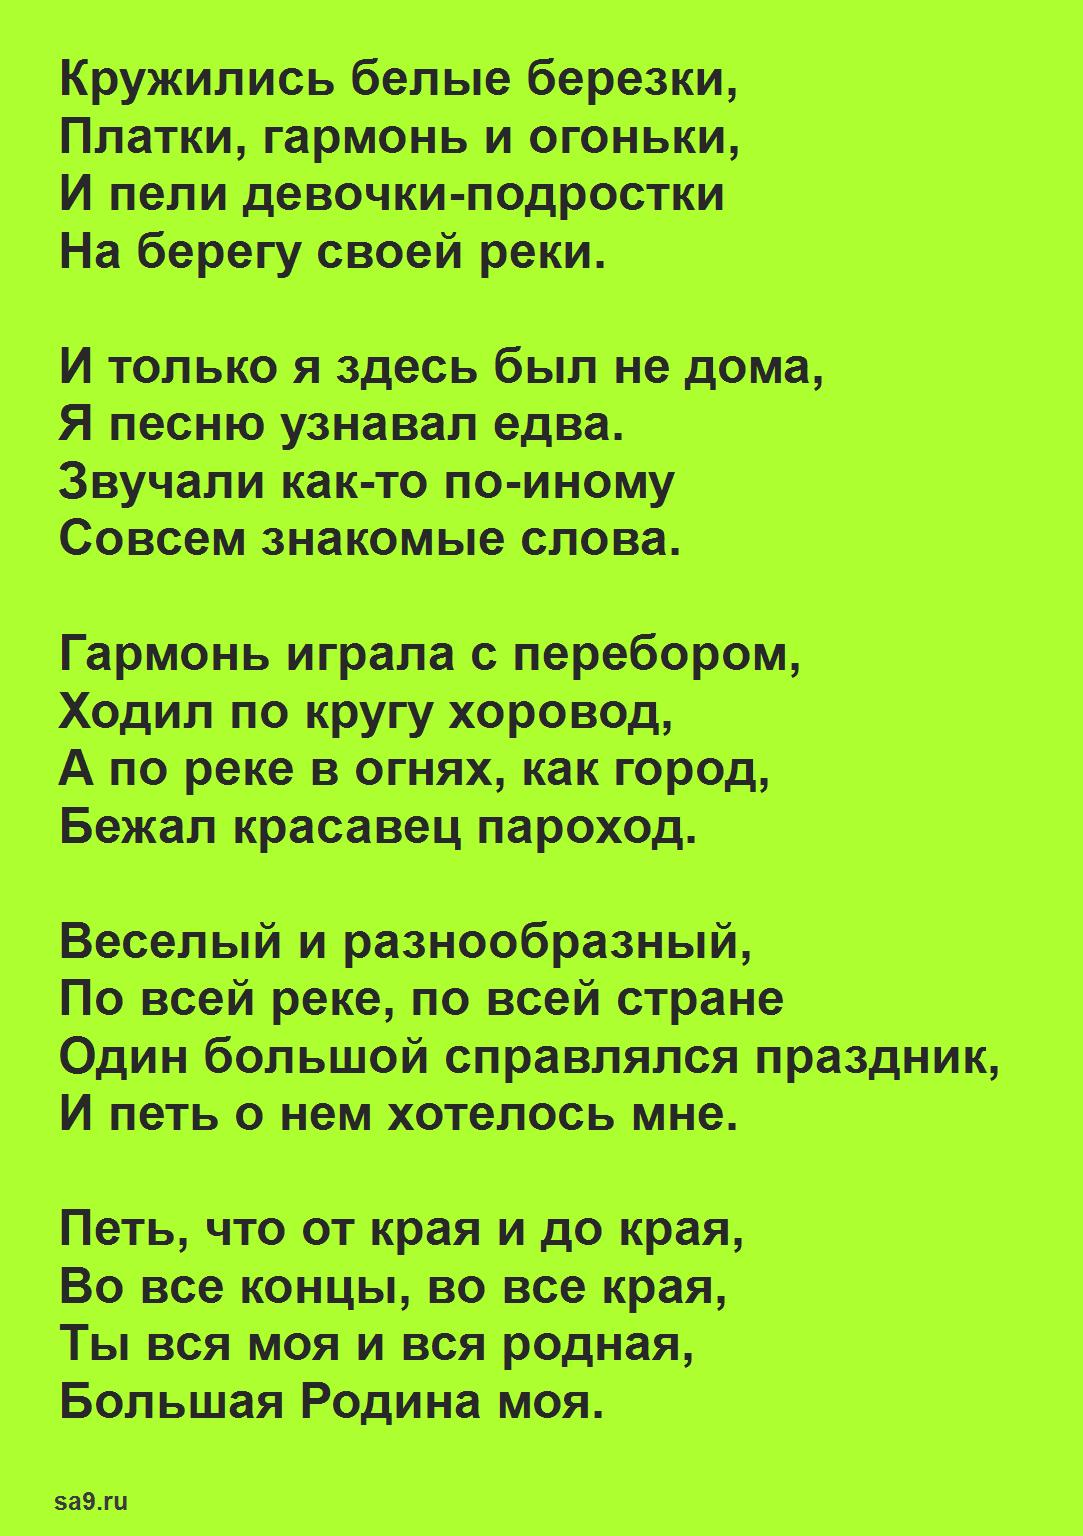 Твардовский стихи 20 строк - Кружились белые березки